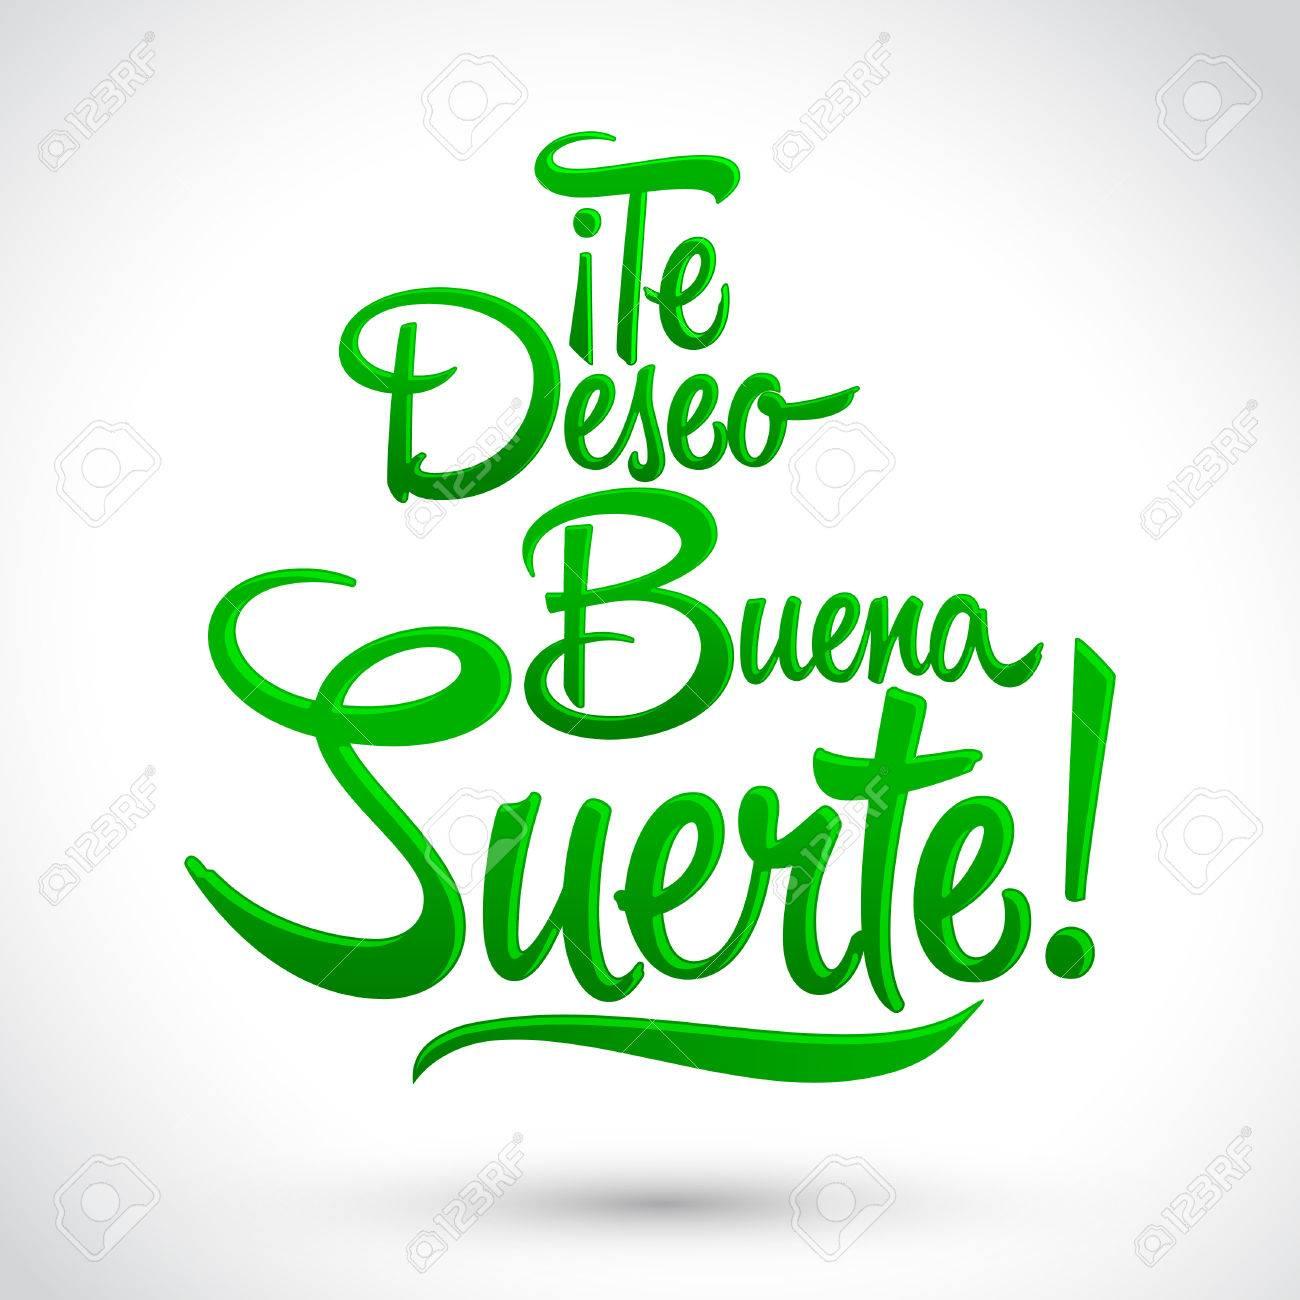 Te Deseo Buena Suerte Ich Wünsche Ihnen Viel Glück Spanische Text